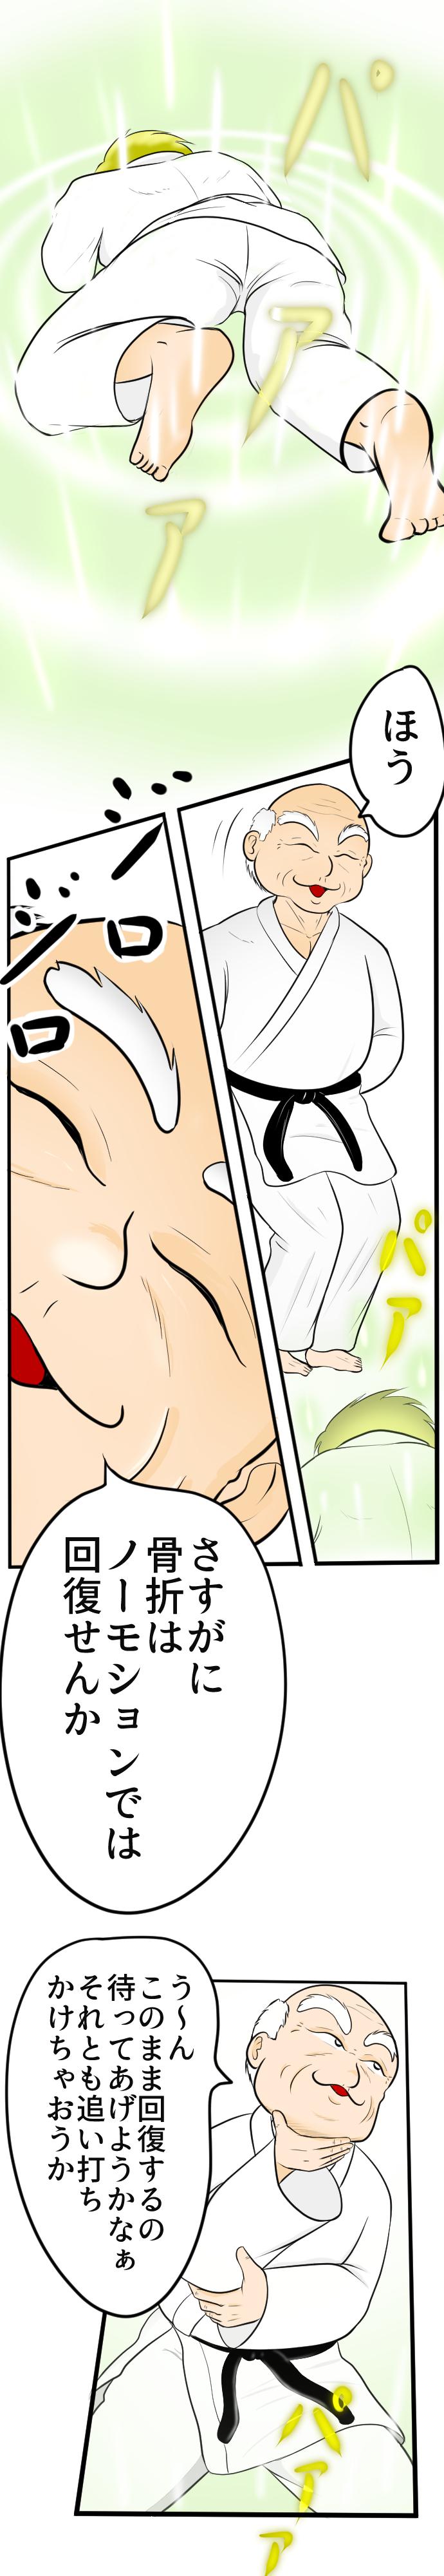 ブラッドドラゴン魔女っ娘コンバット外伝2-10